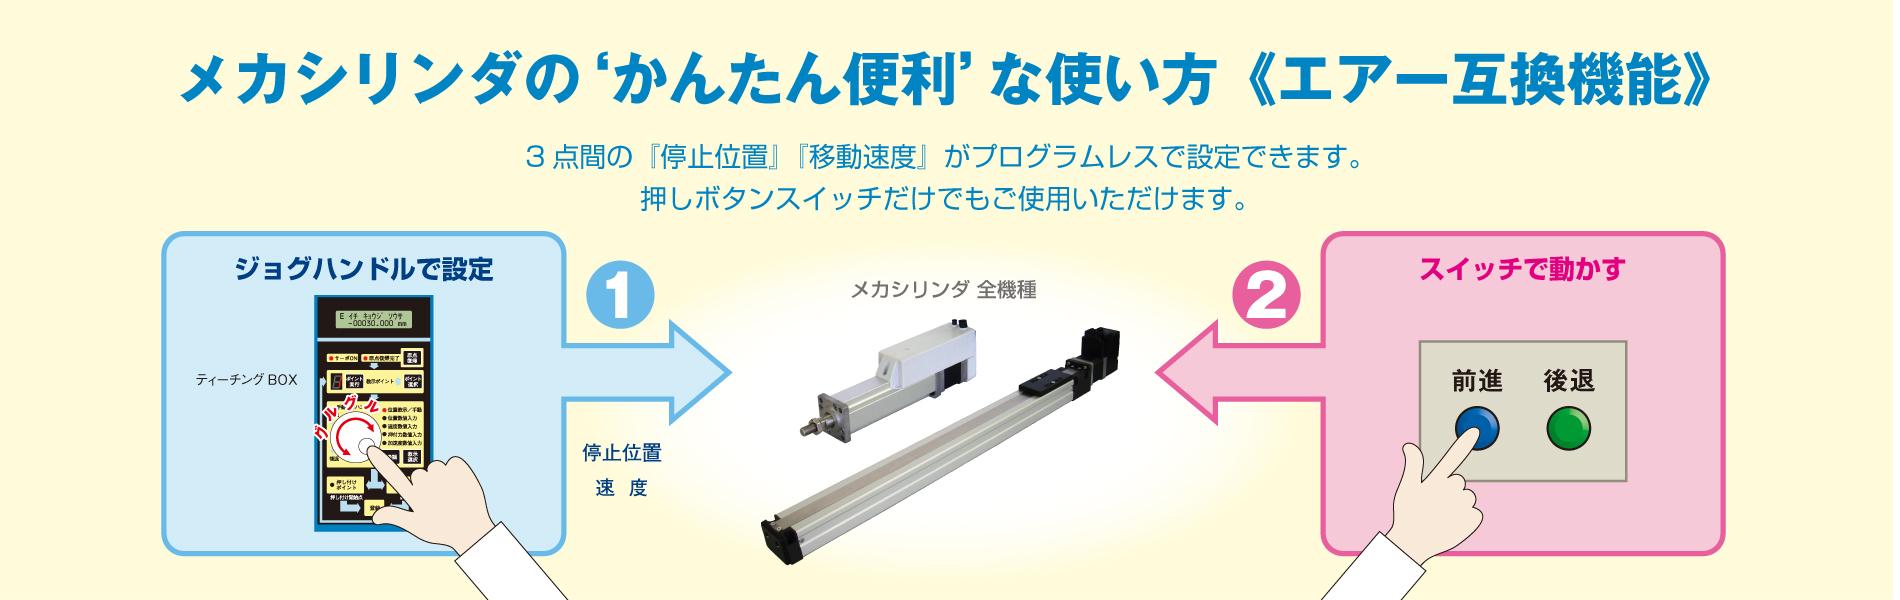 空圧シリンダと同じ2つの信号で動作可能です。標準仕様から変更可能です。